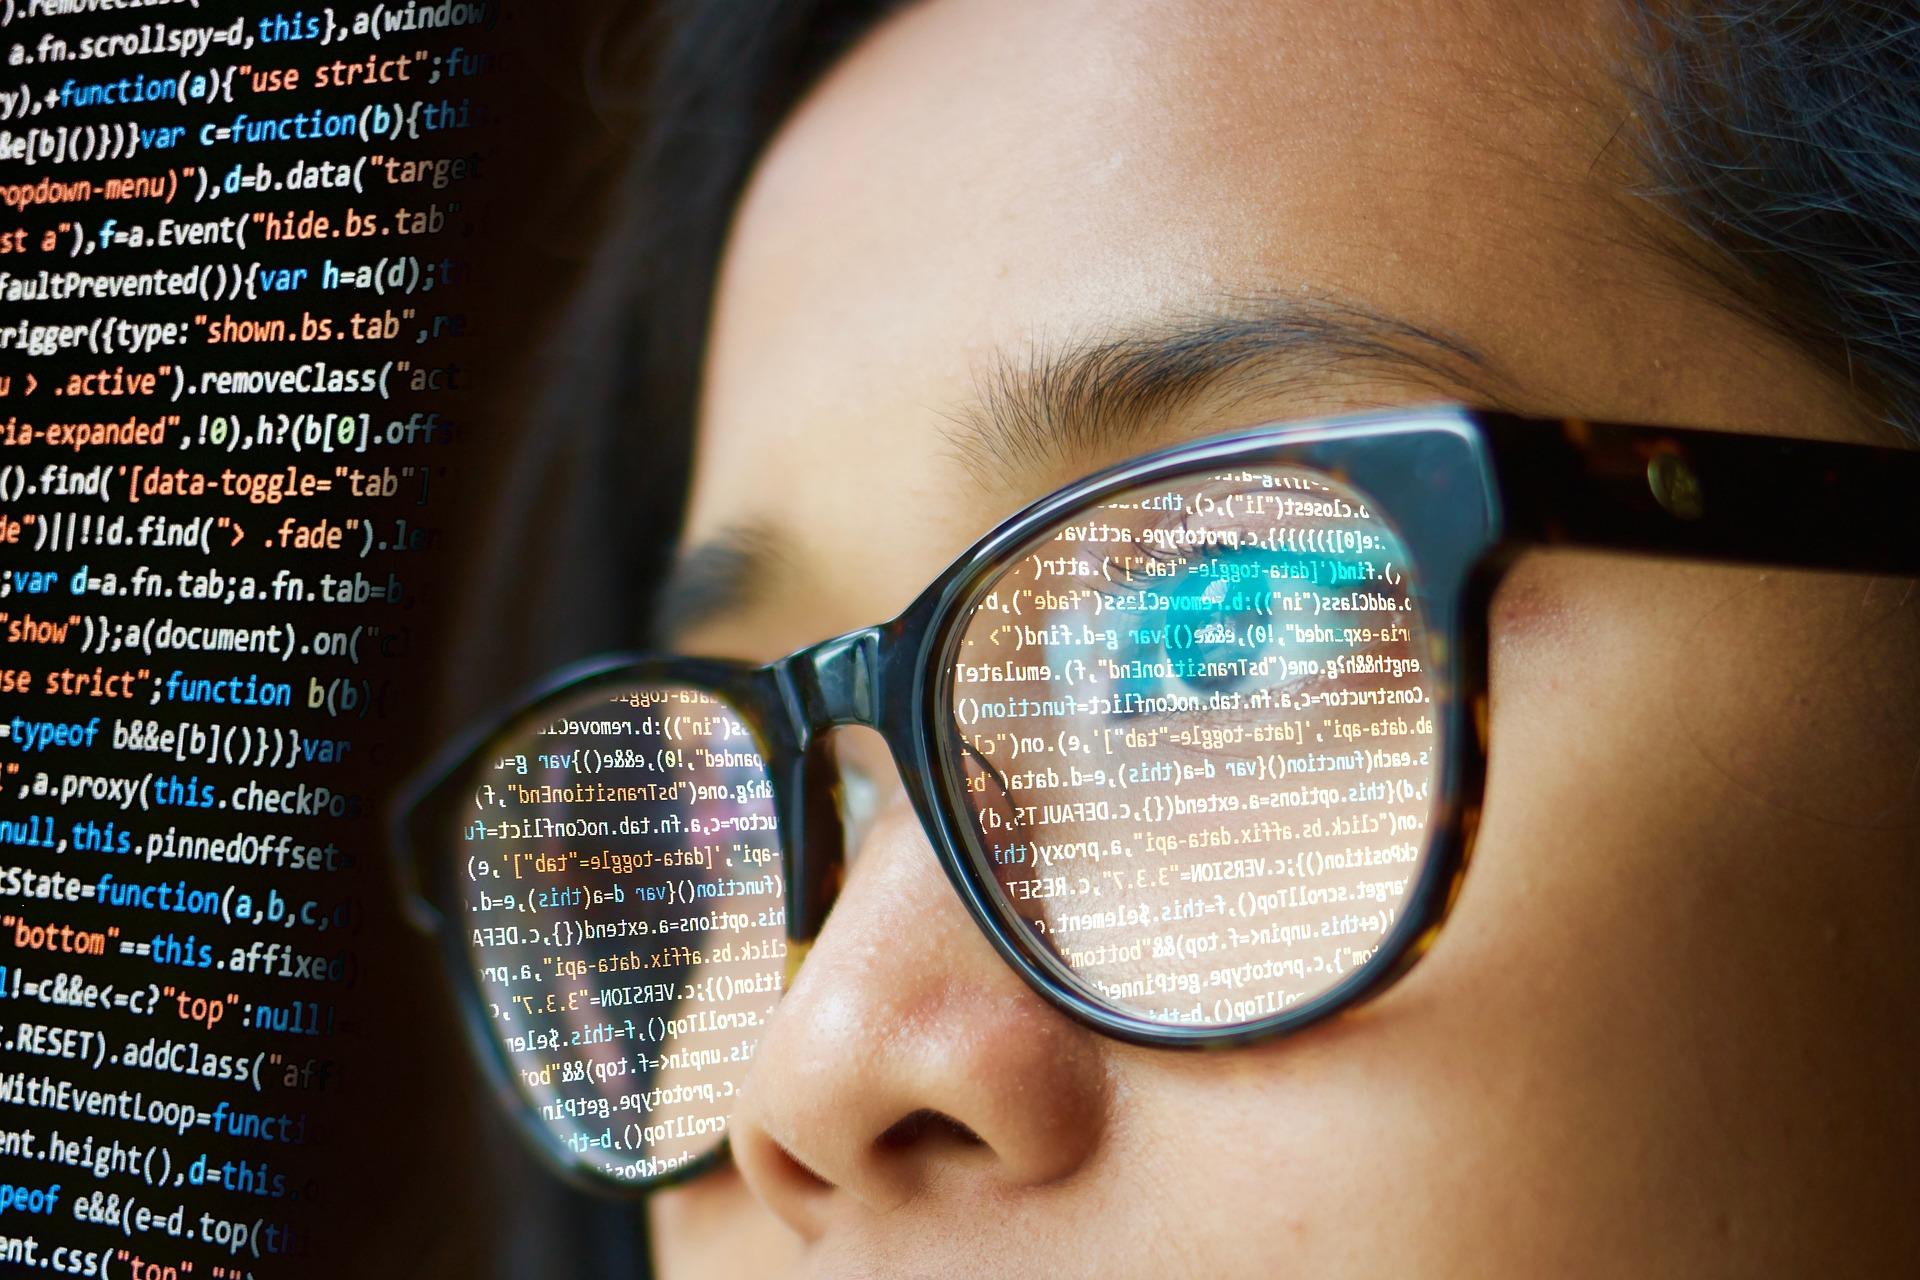 Британський уряд шукає data scientist на 135 тисяч фунтів річних